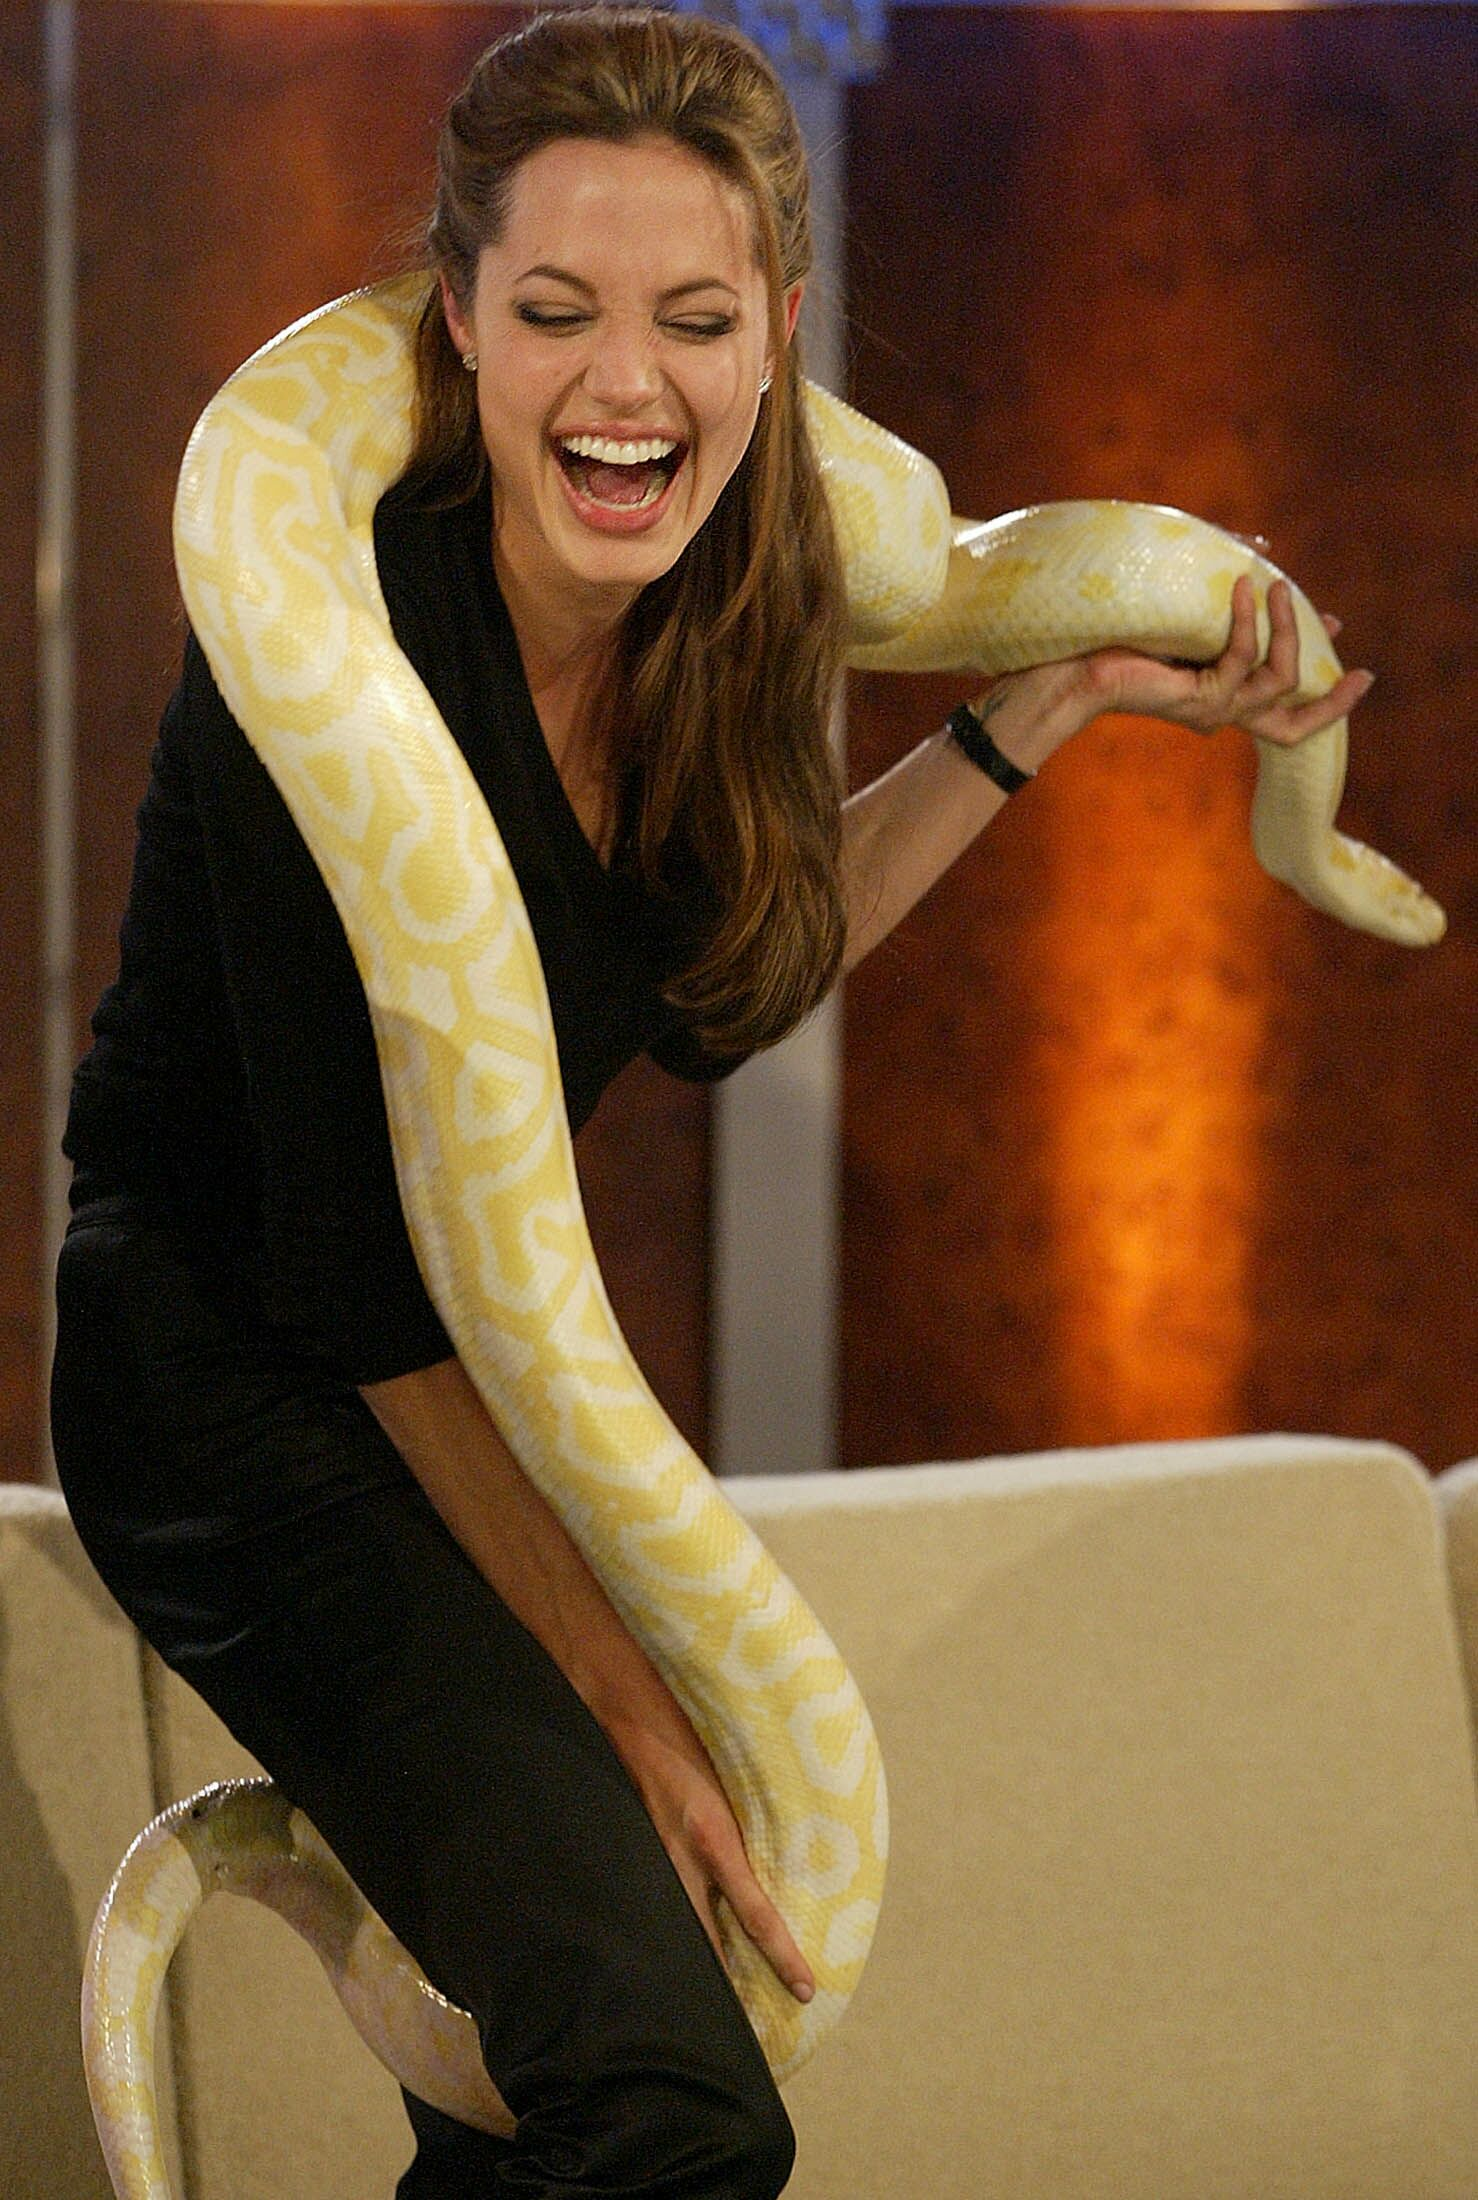 Смотреть женщин со змеями 1 фотография